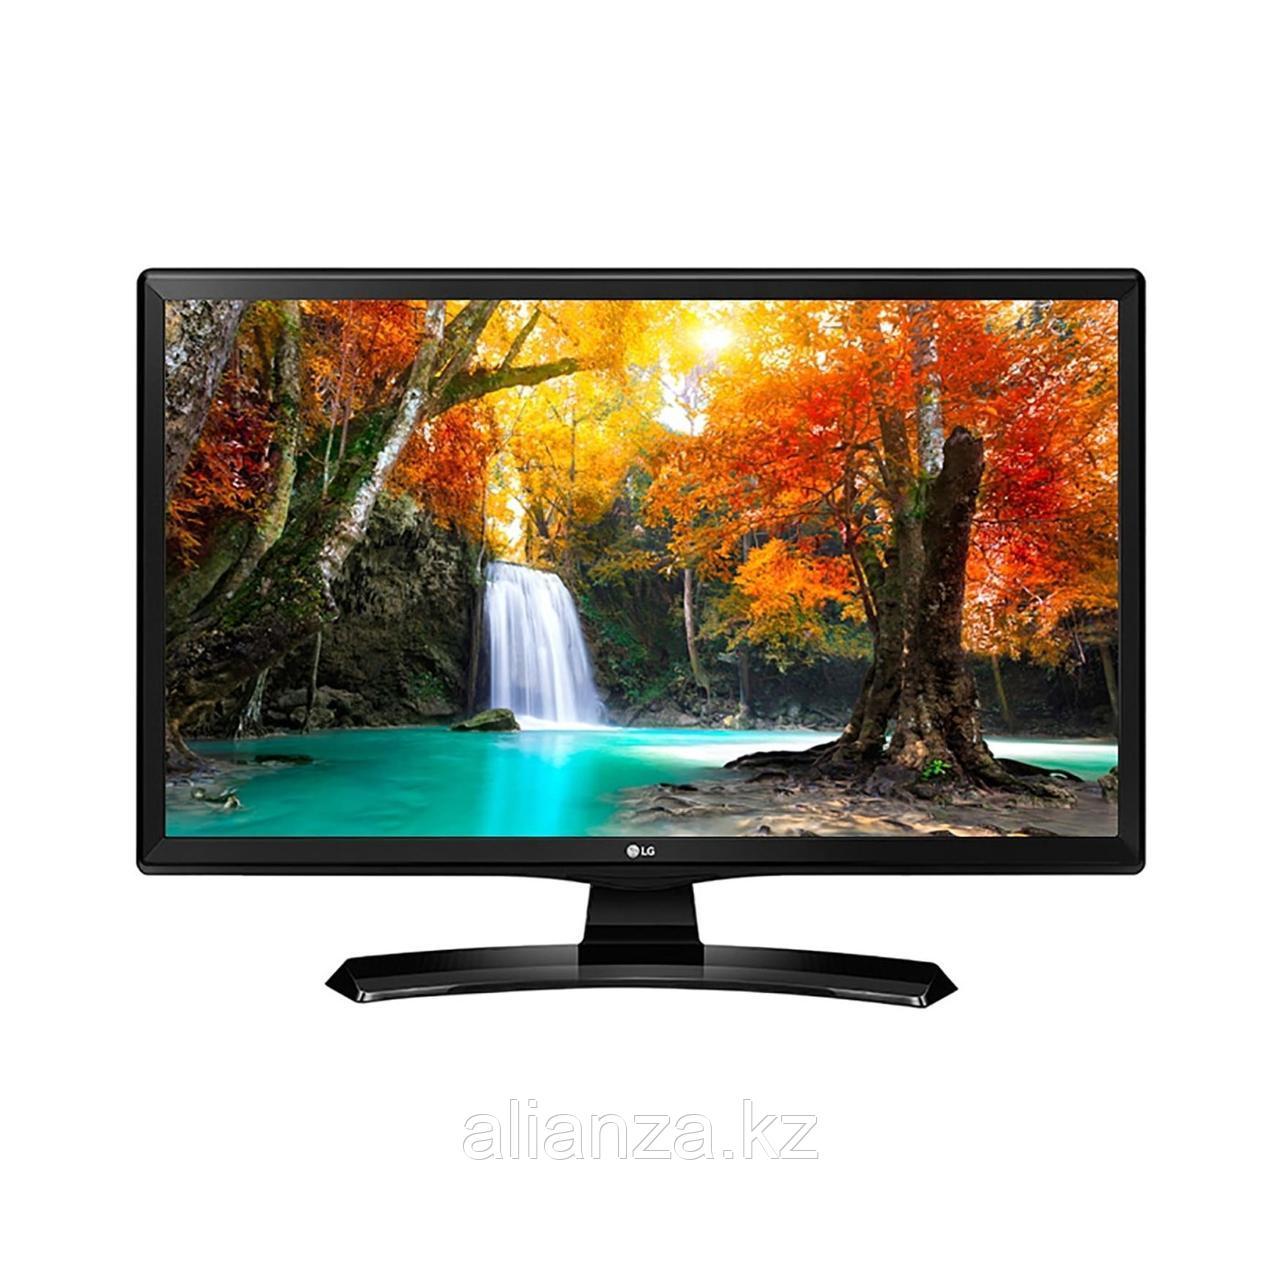 LED телевизор LG 28TK410V-PZ